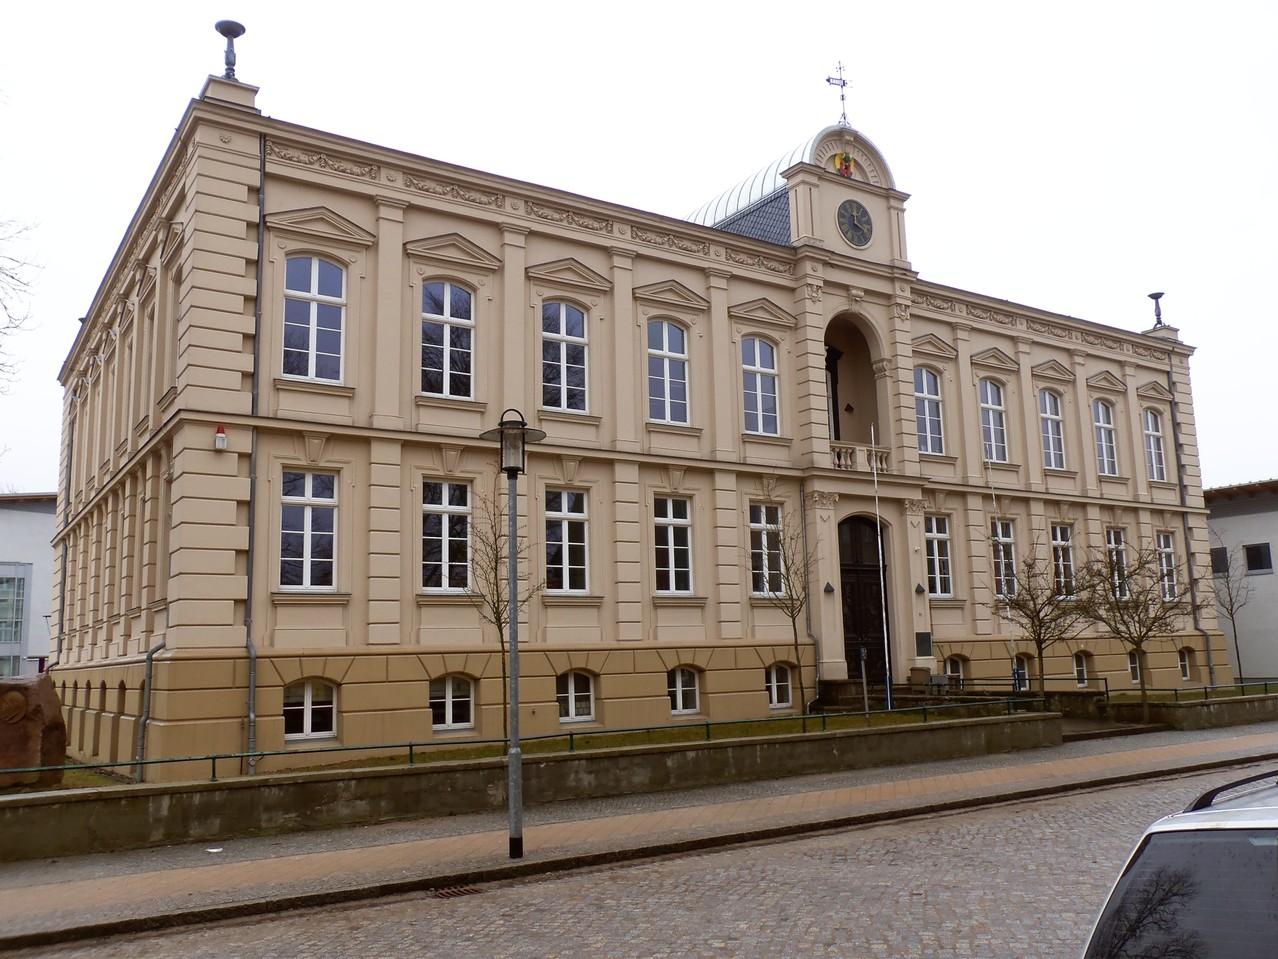 Das Gymnasium, in dem Wossidlo lehrte, gibt es bis heute und trägt weiterhin seinen Namen.